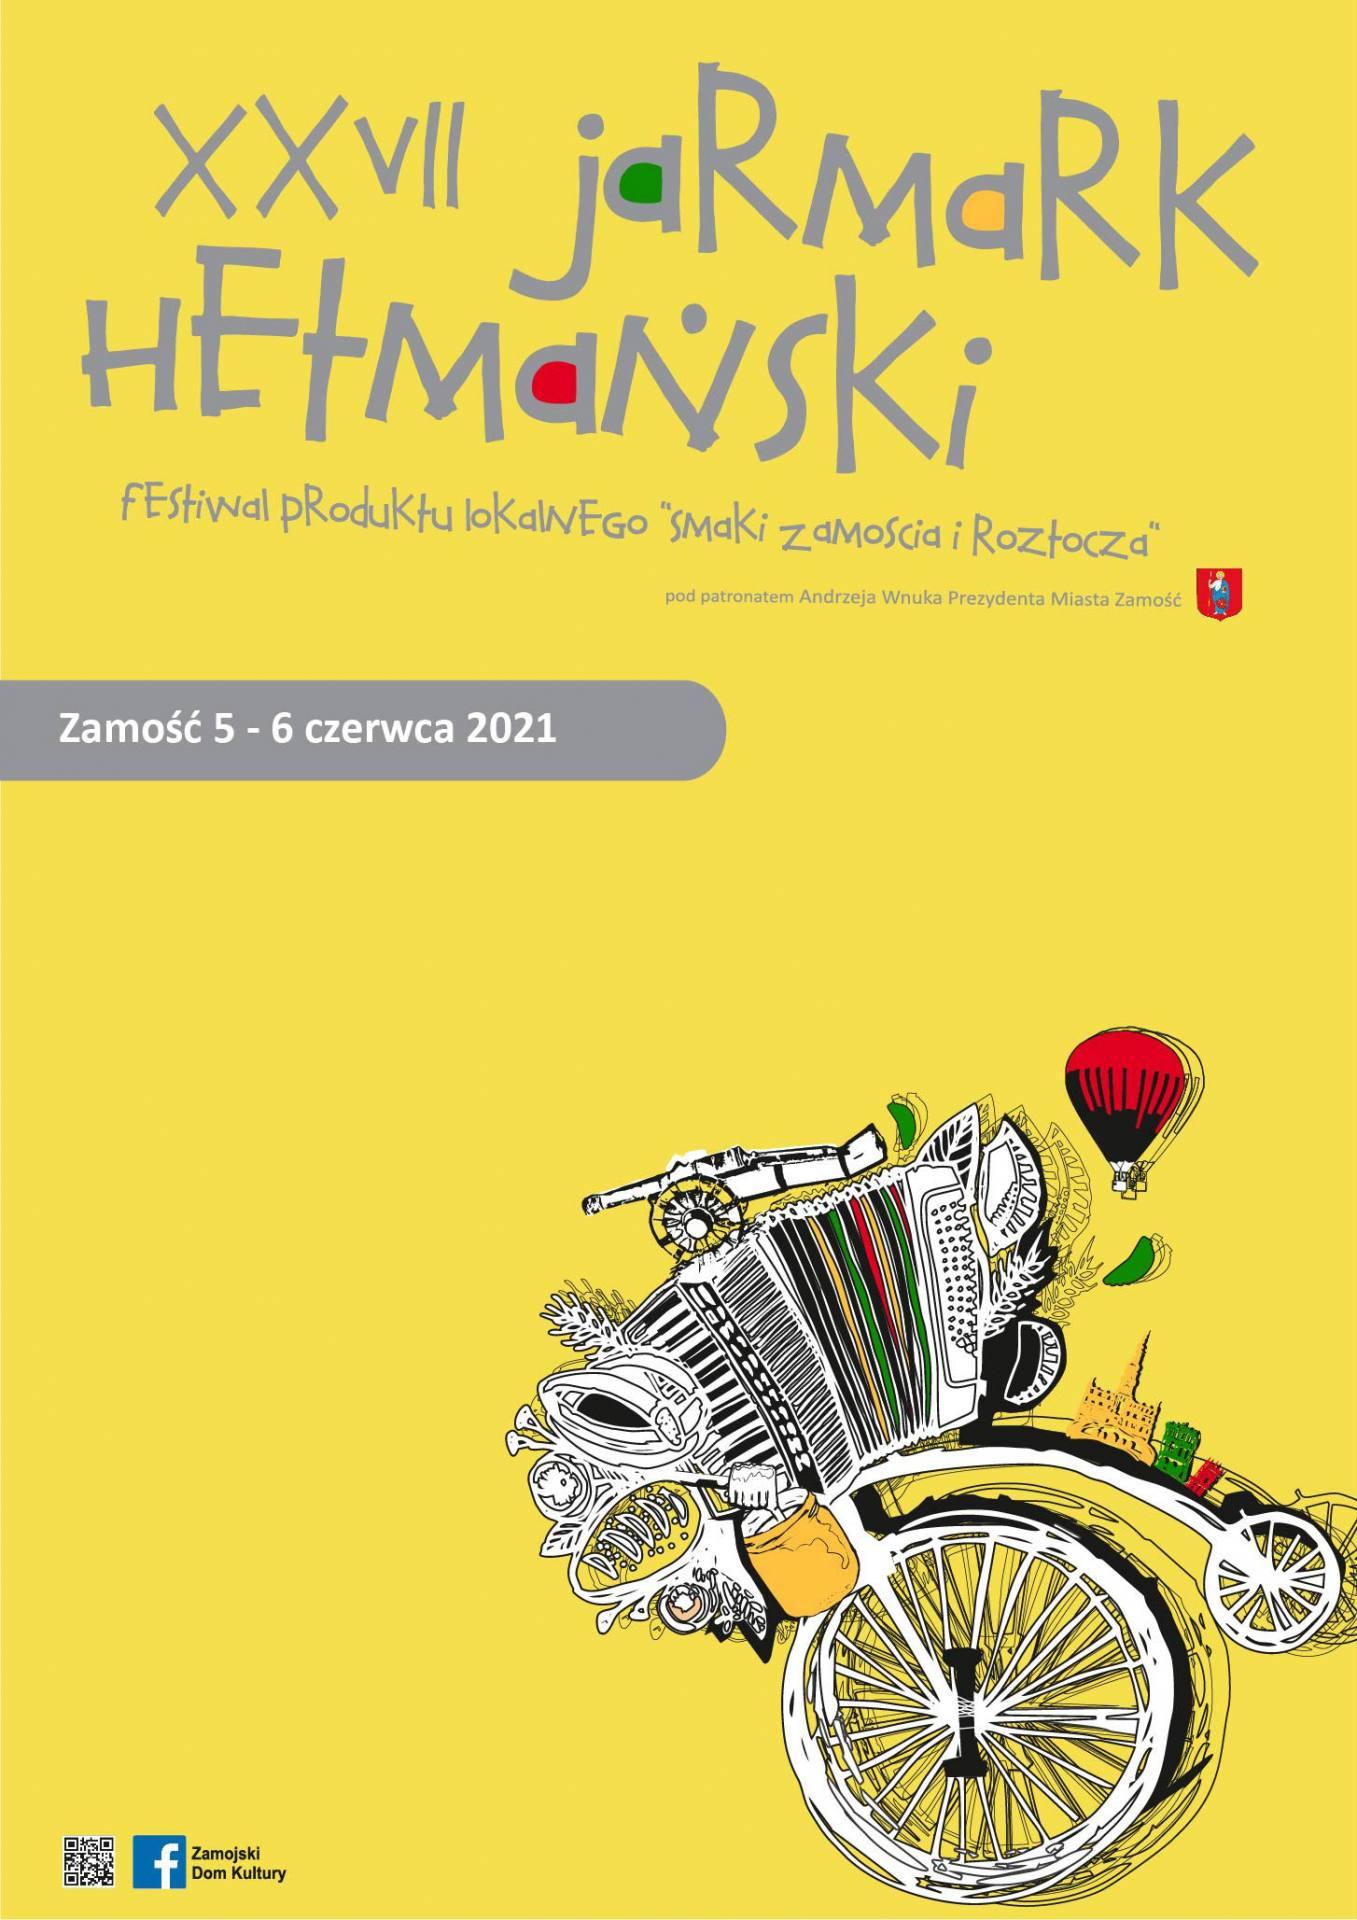 27jarmark afisz projekt Zbliża się Jarmark Hetmański. Ostatni moment na zgłoszenia dla wystawców i uczestników konkursu kulinarnego